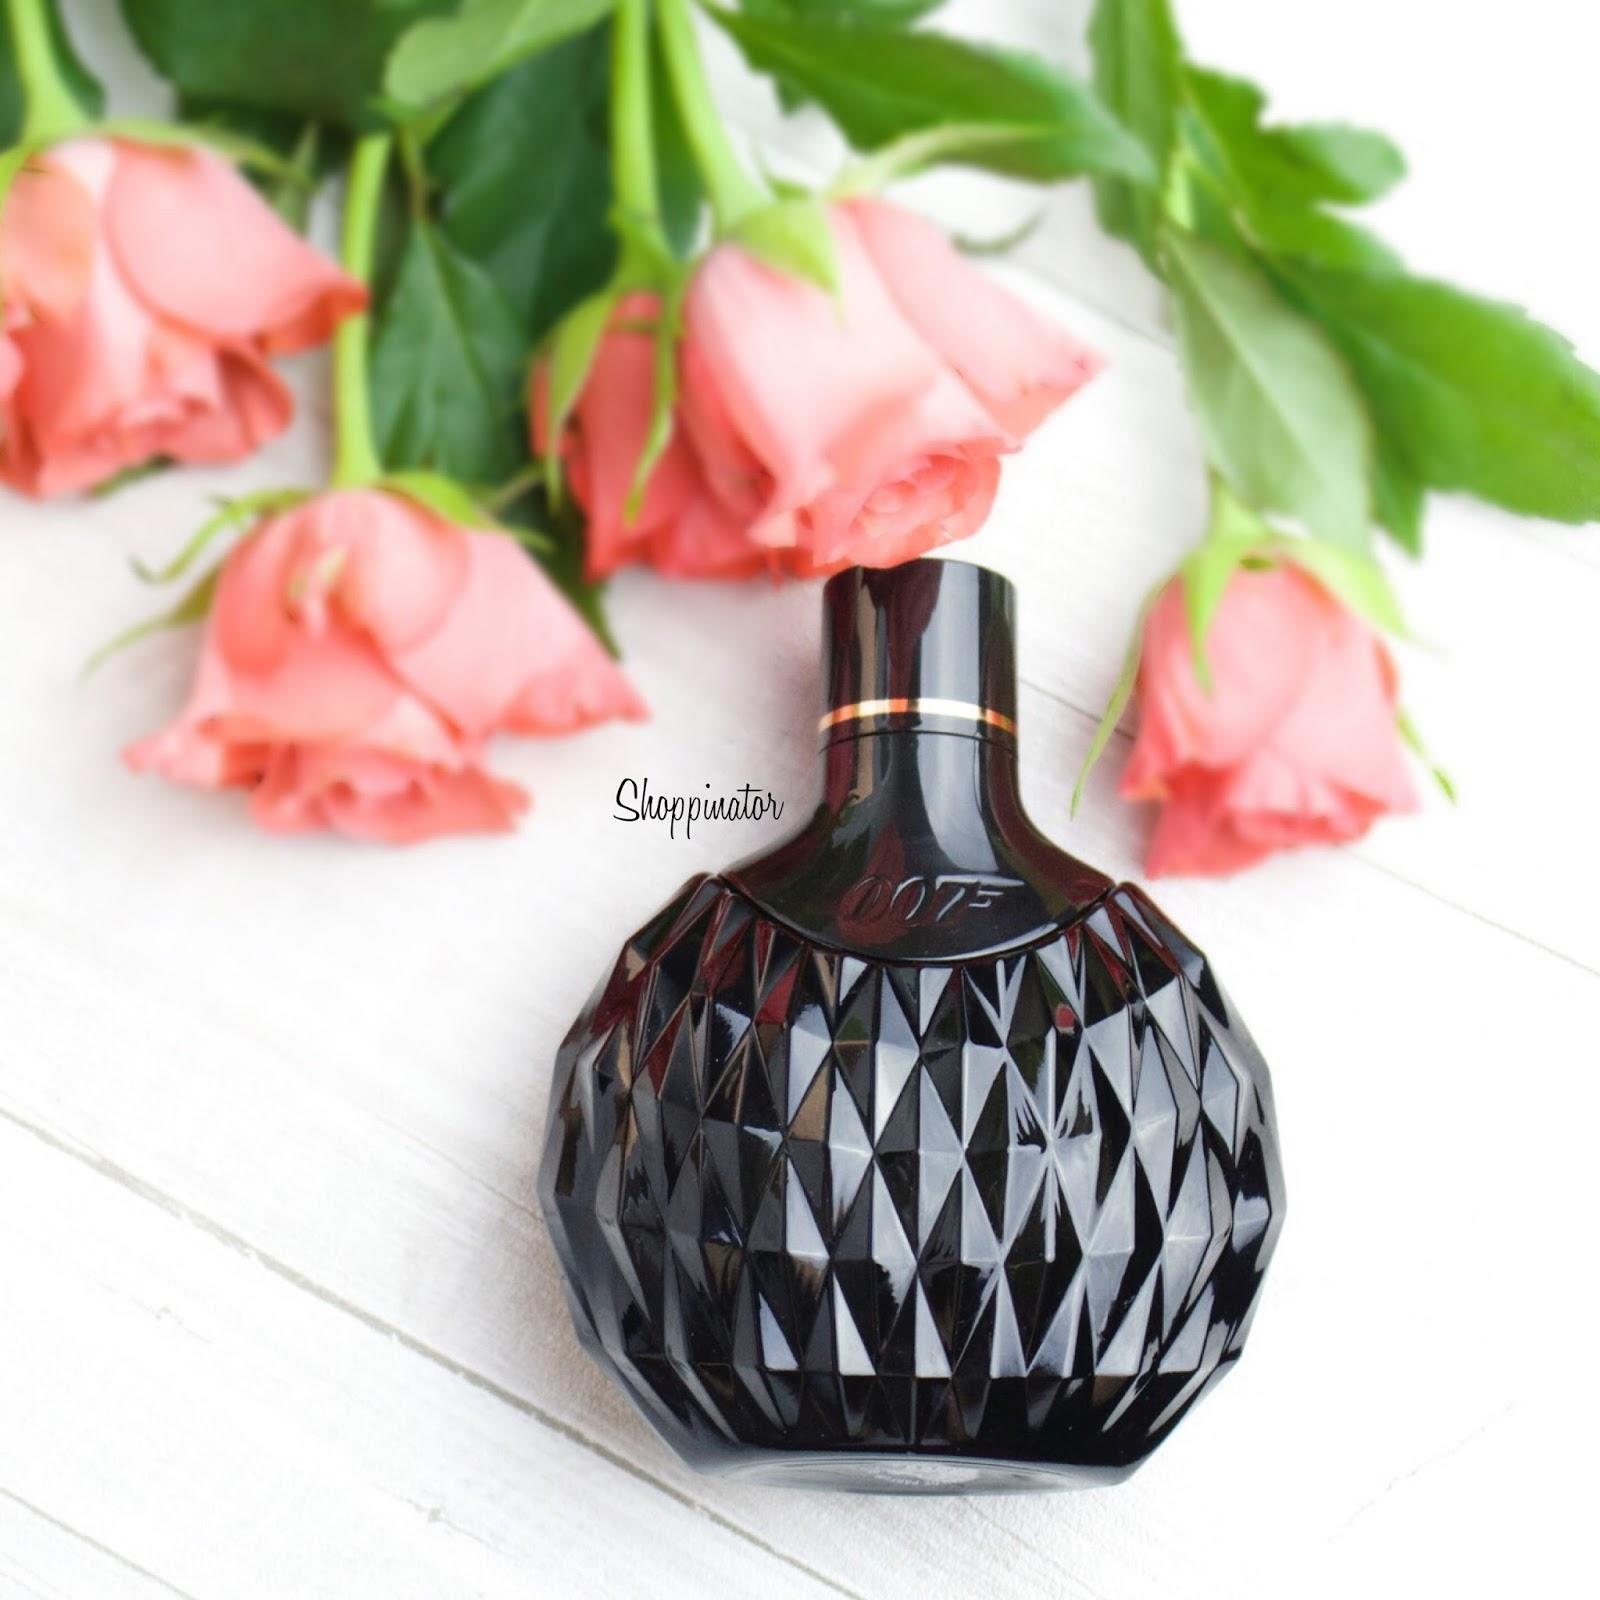 Shoppinator-007-James-Bond-Girl-for-Women-Woman-Eau-de-Parfum-Parfüm-Review-Duft-Duftbeschreibung-Test-Rosegold